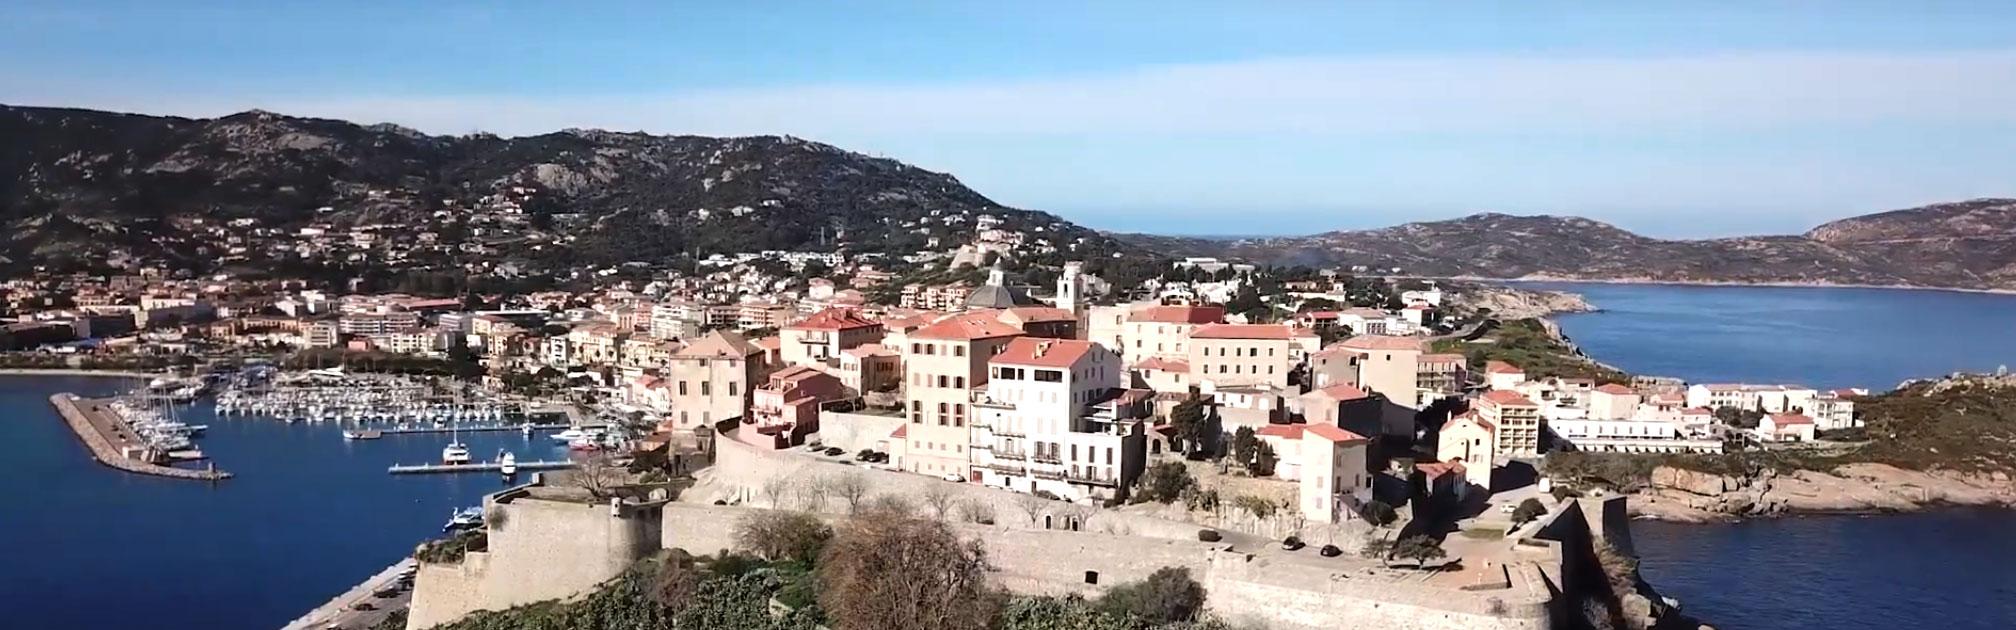 Calvi Korsika